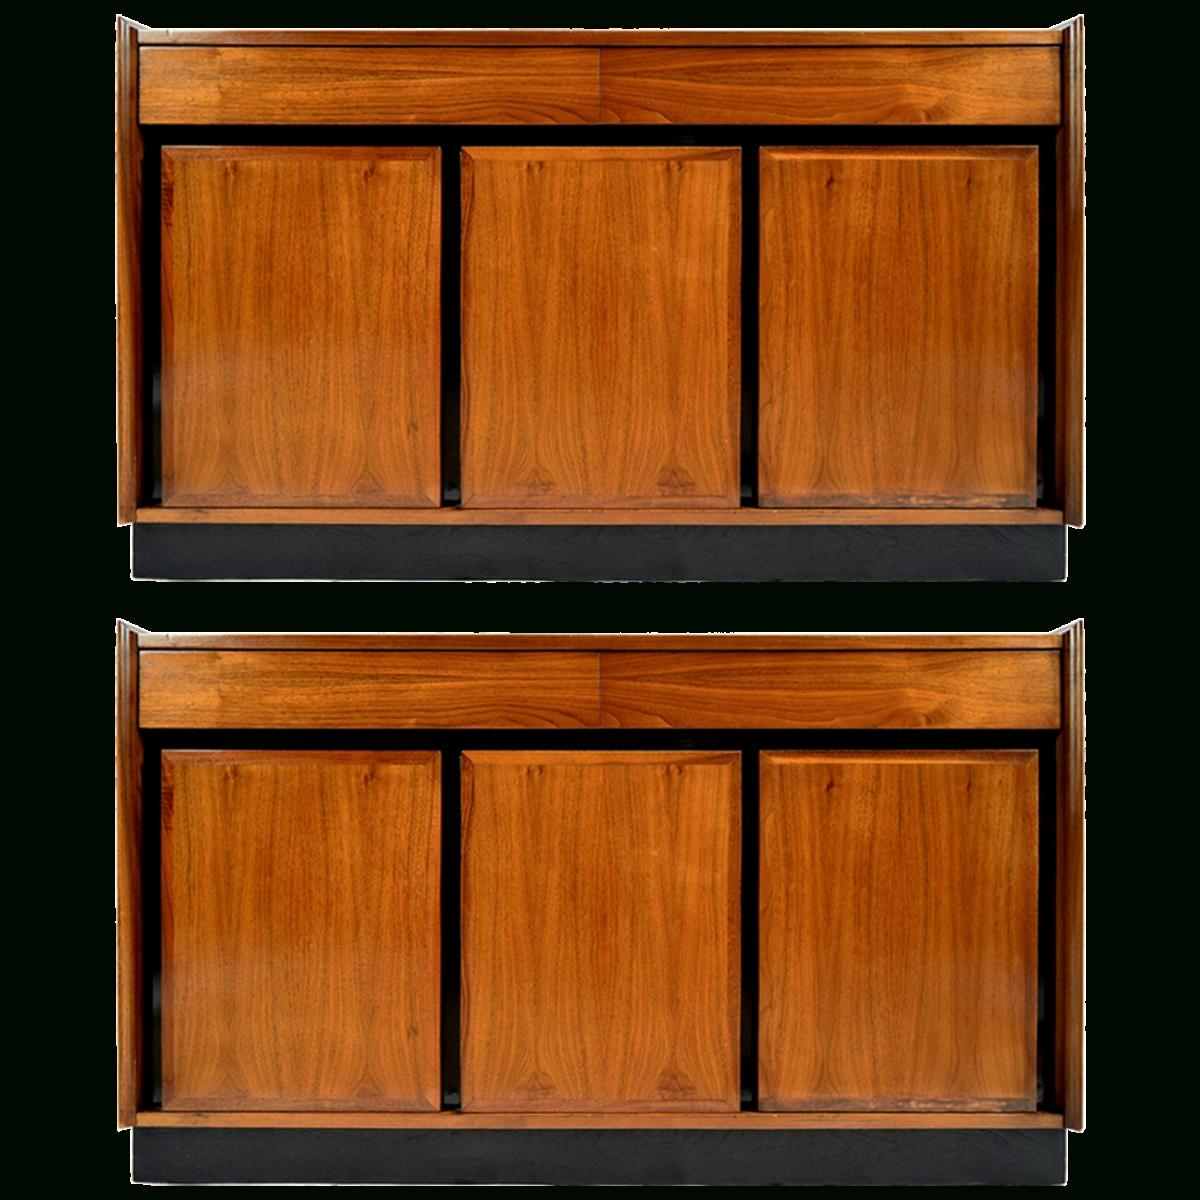 Viyet – Designer Furniture – Storage – Dillingham Vintage Partial Inside Latest Walnut Sideboards (View 11 of 15)